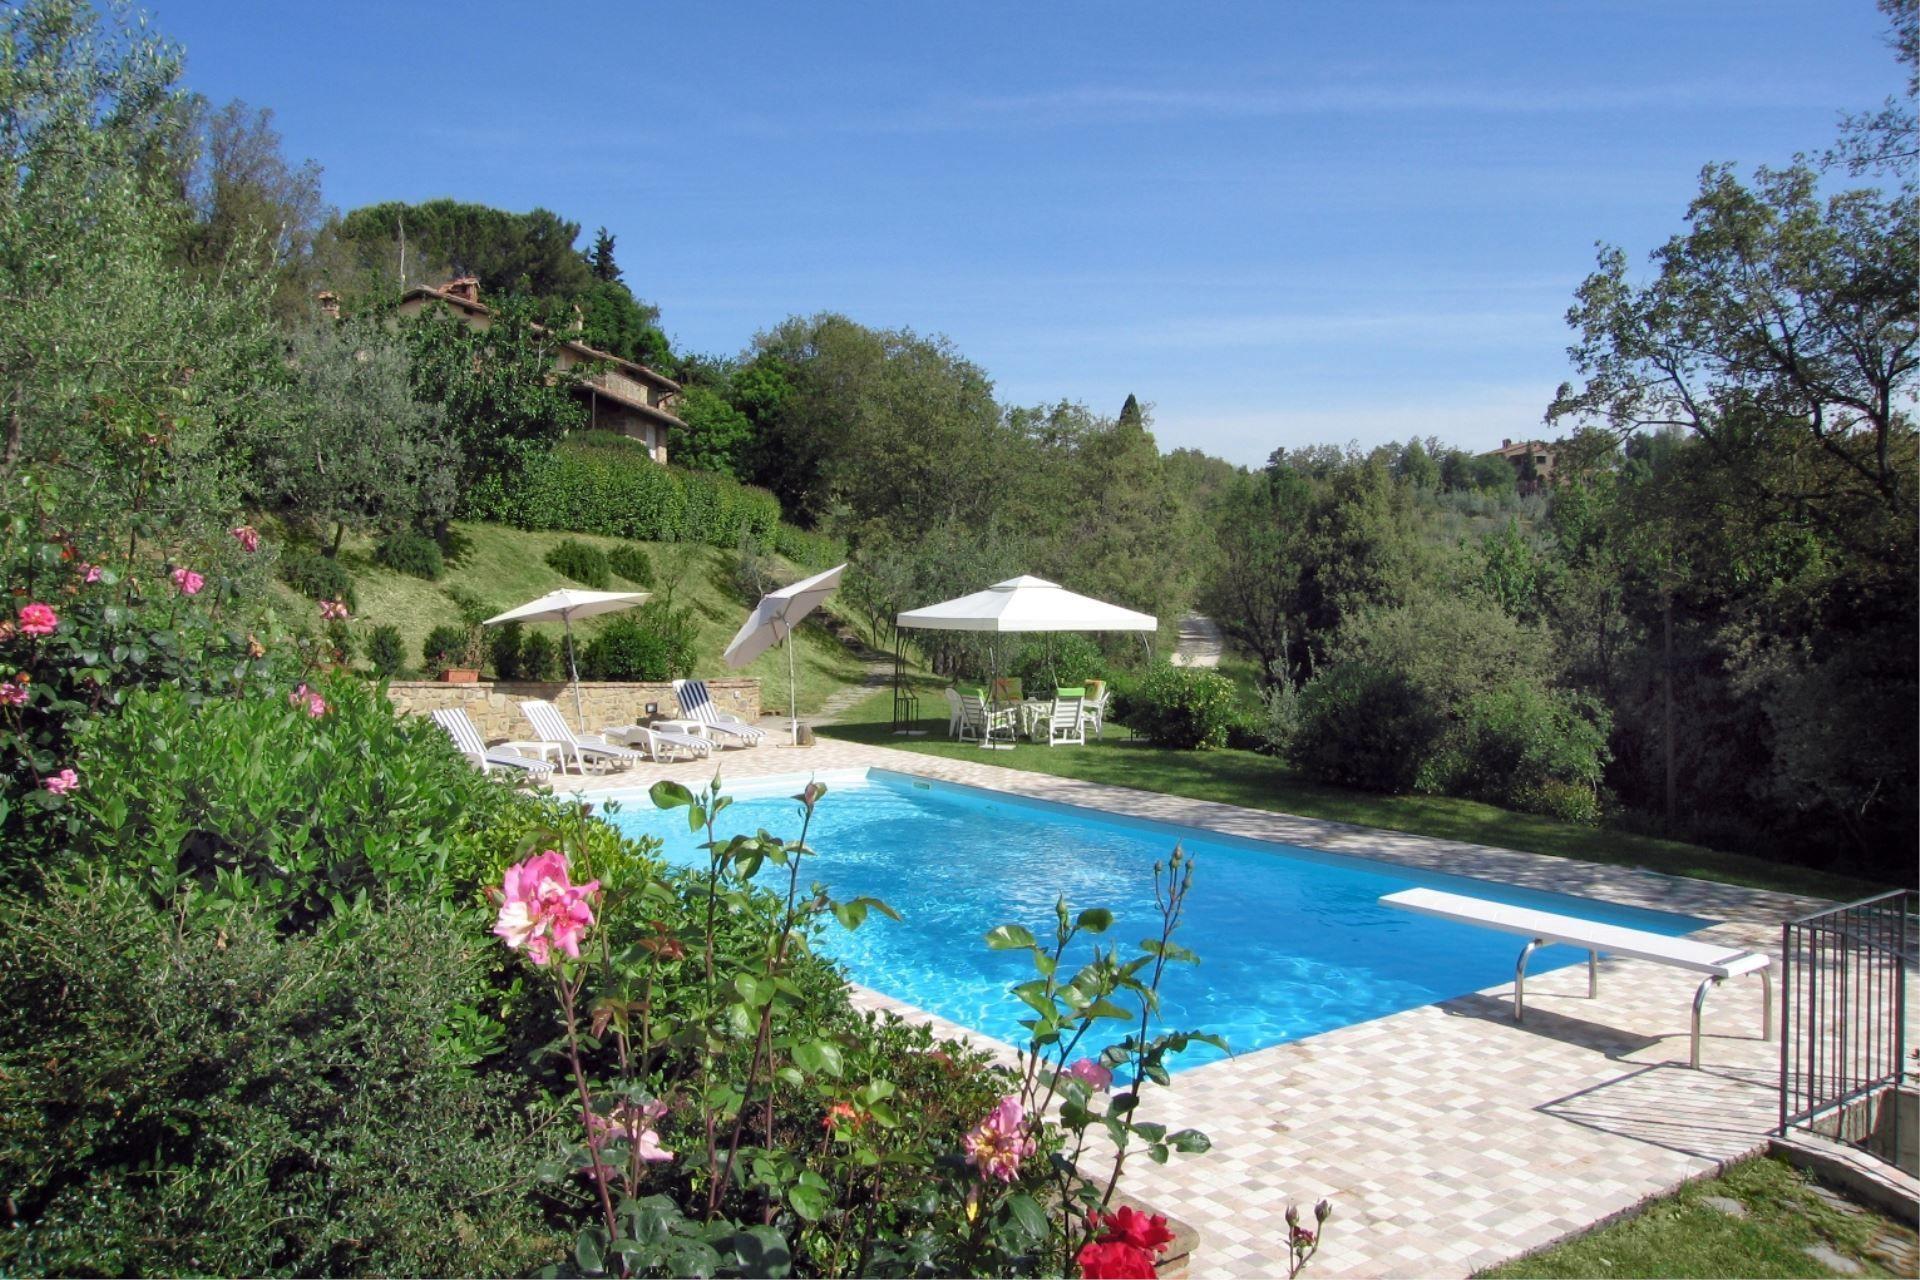 Gli oleandri casa vacanze con 10 posti letto in 4 camere for Branson cabin rentals 4 camere da letto